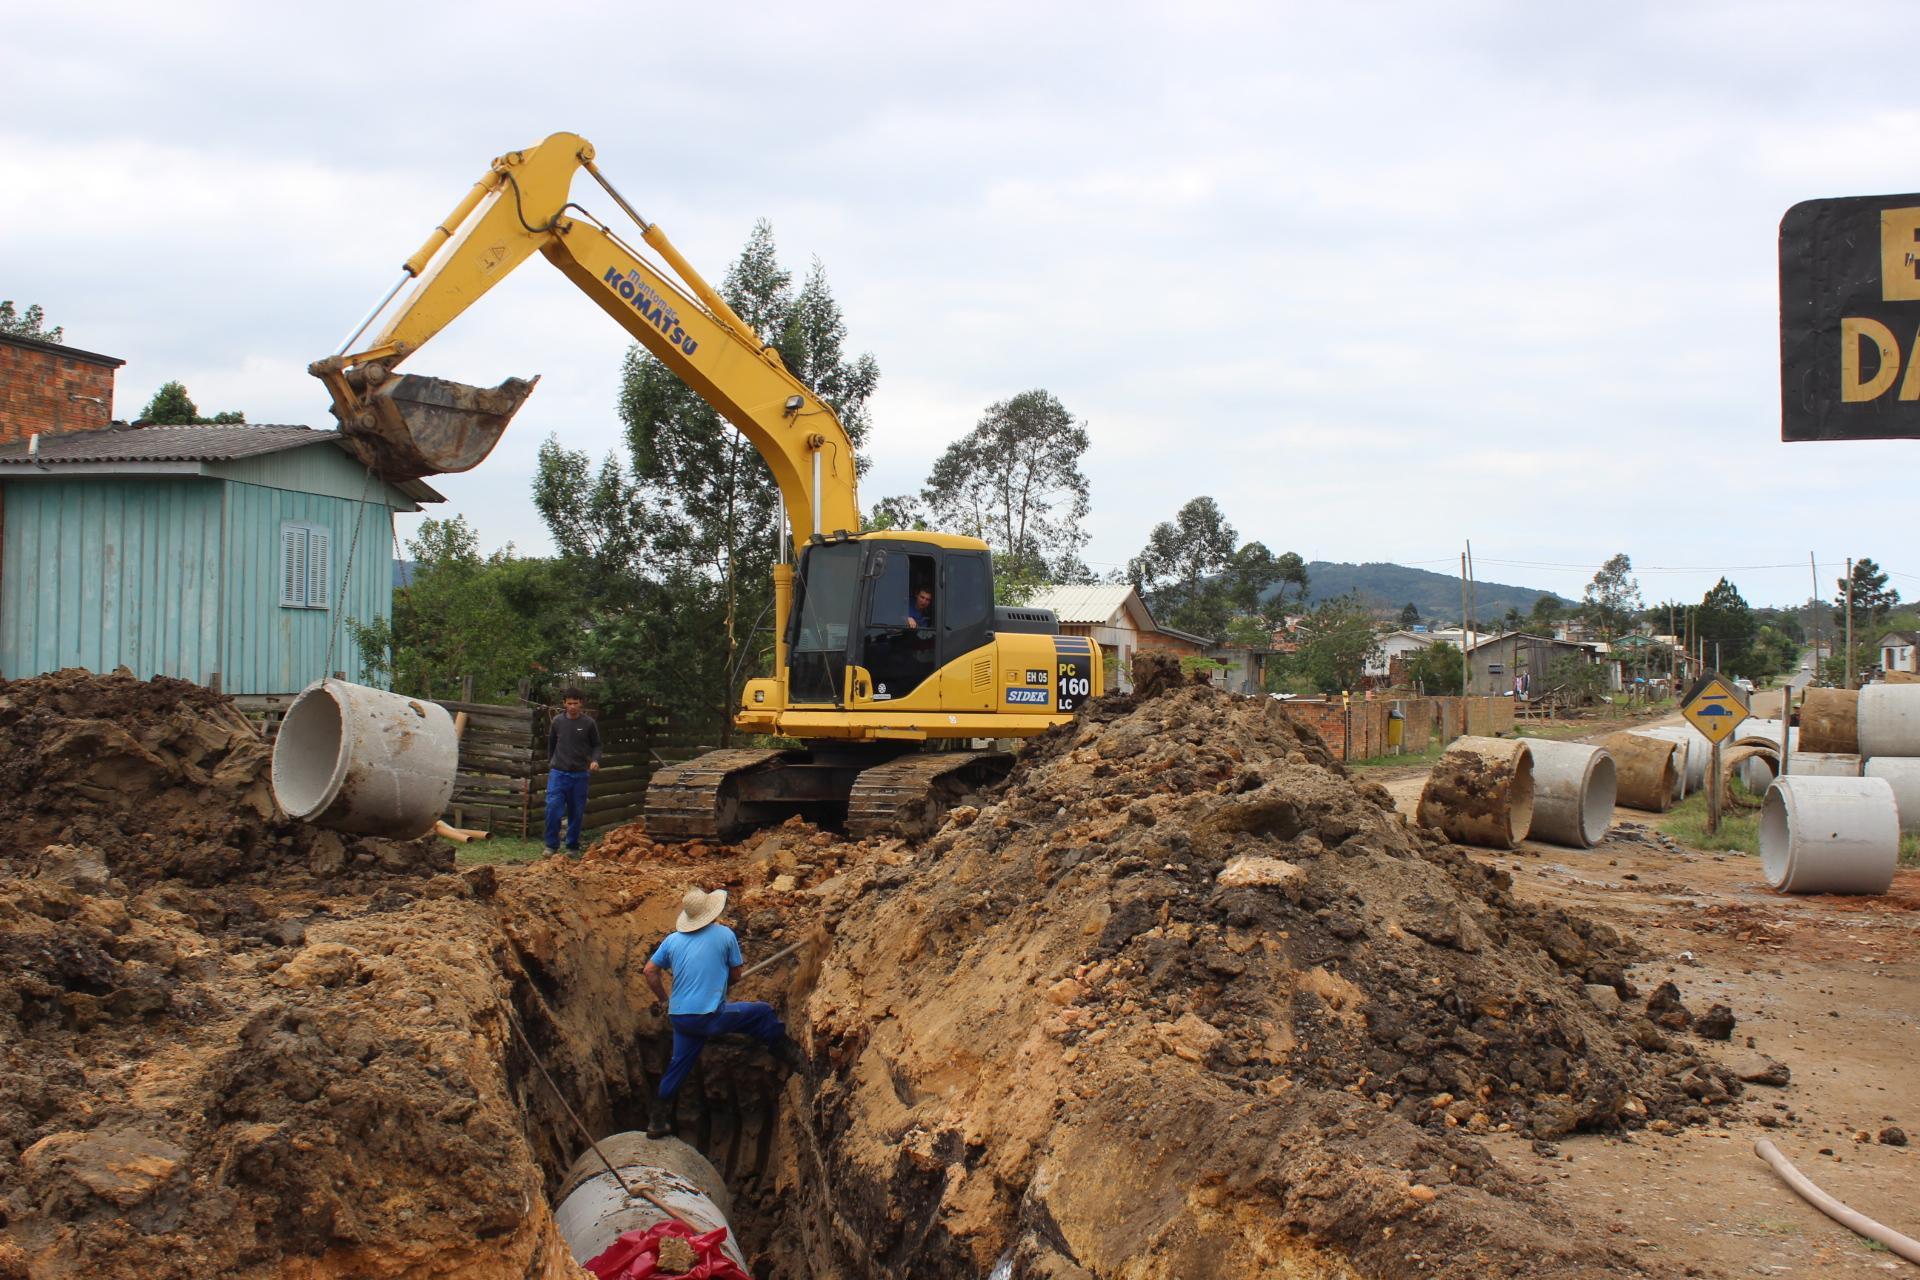 Obras: inicia macrodrenagem no bairro Monte Castelo